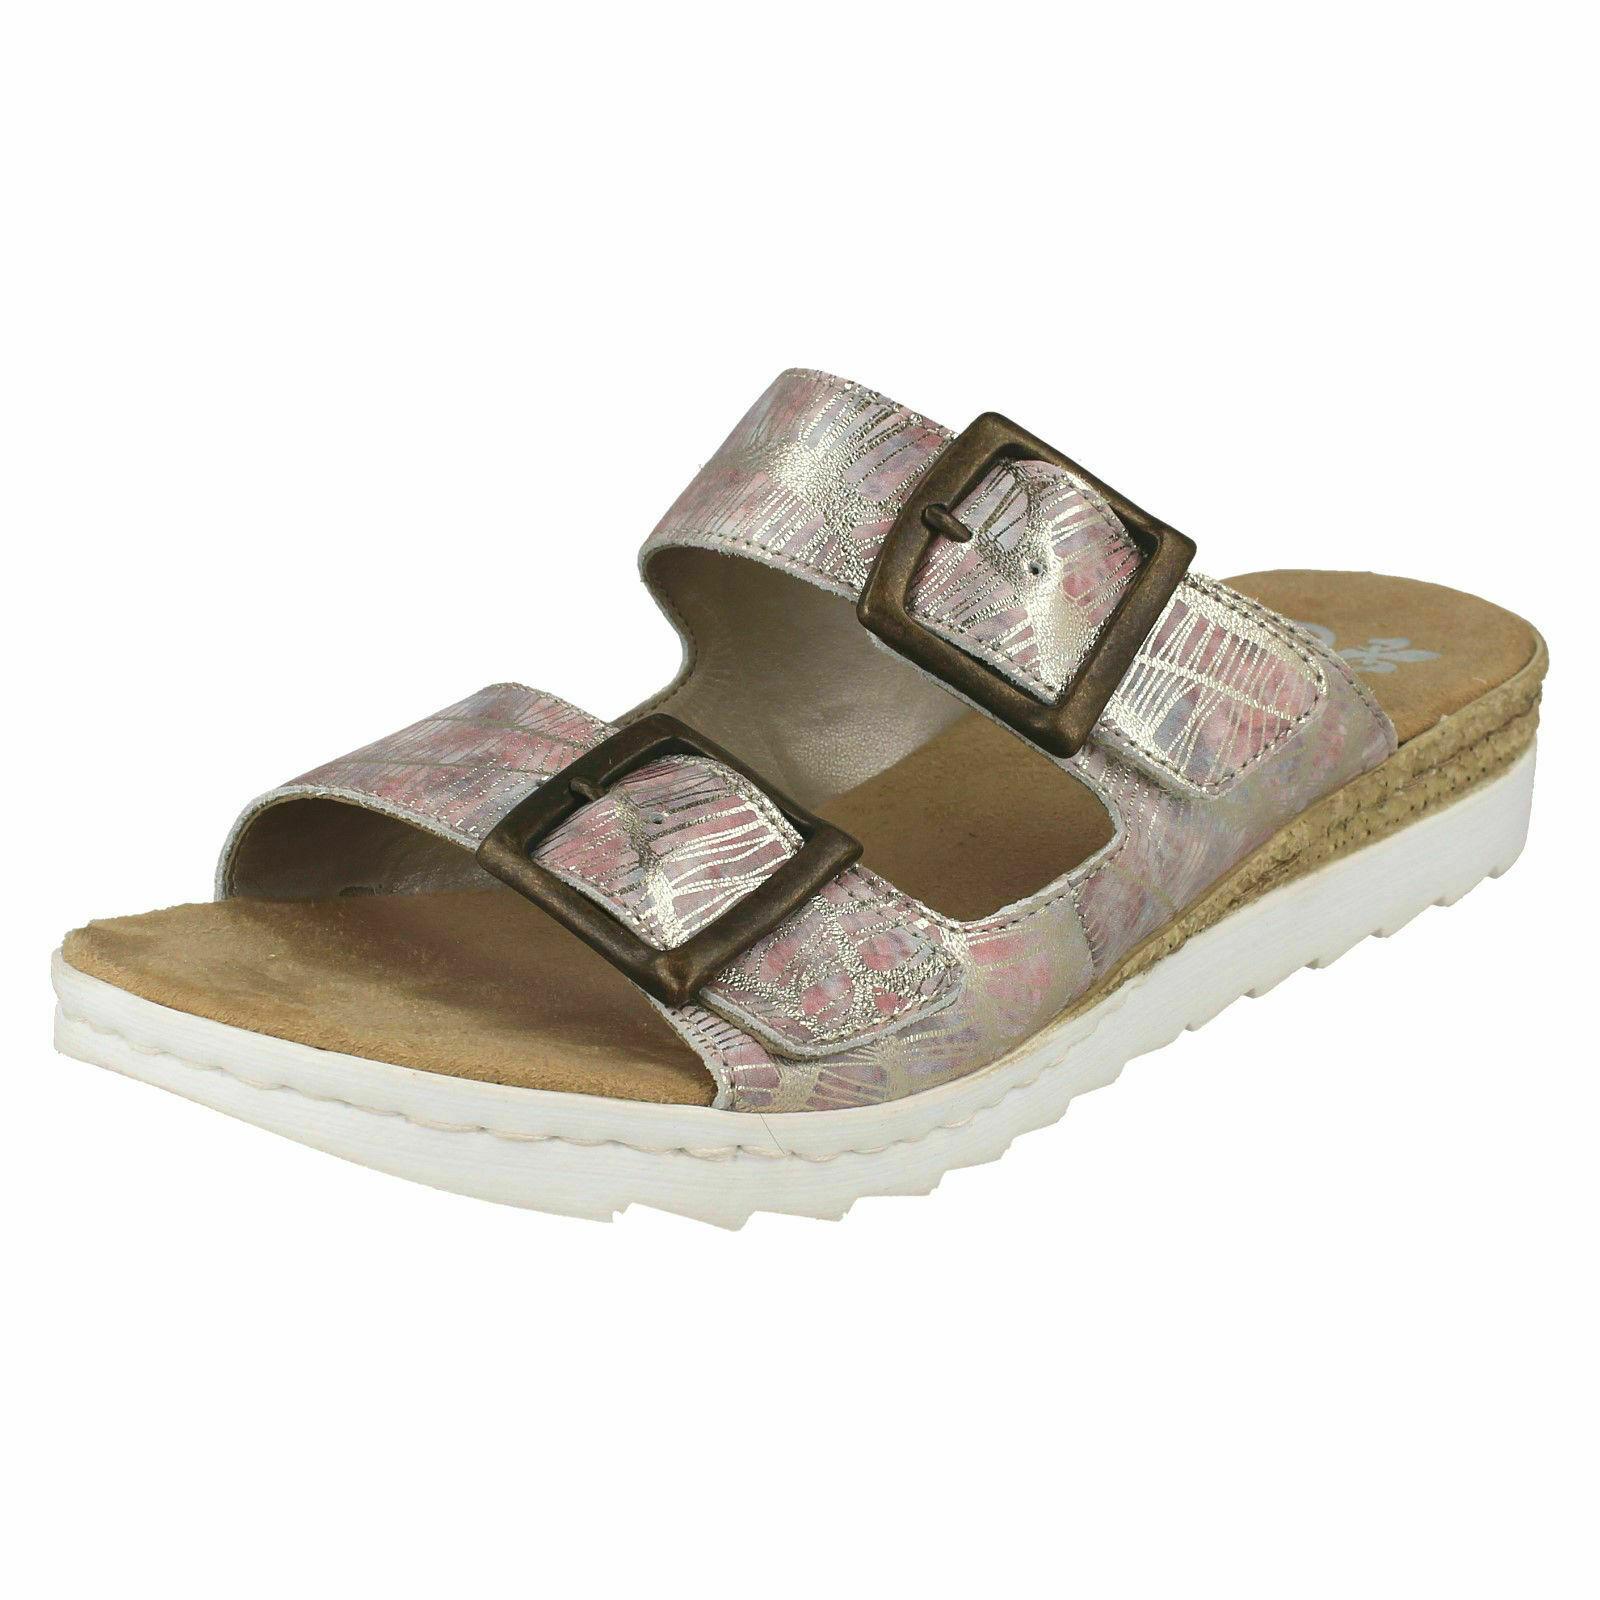 Rieker 63094-90 Damen Sandalen Pantoffeln